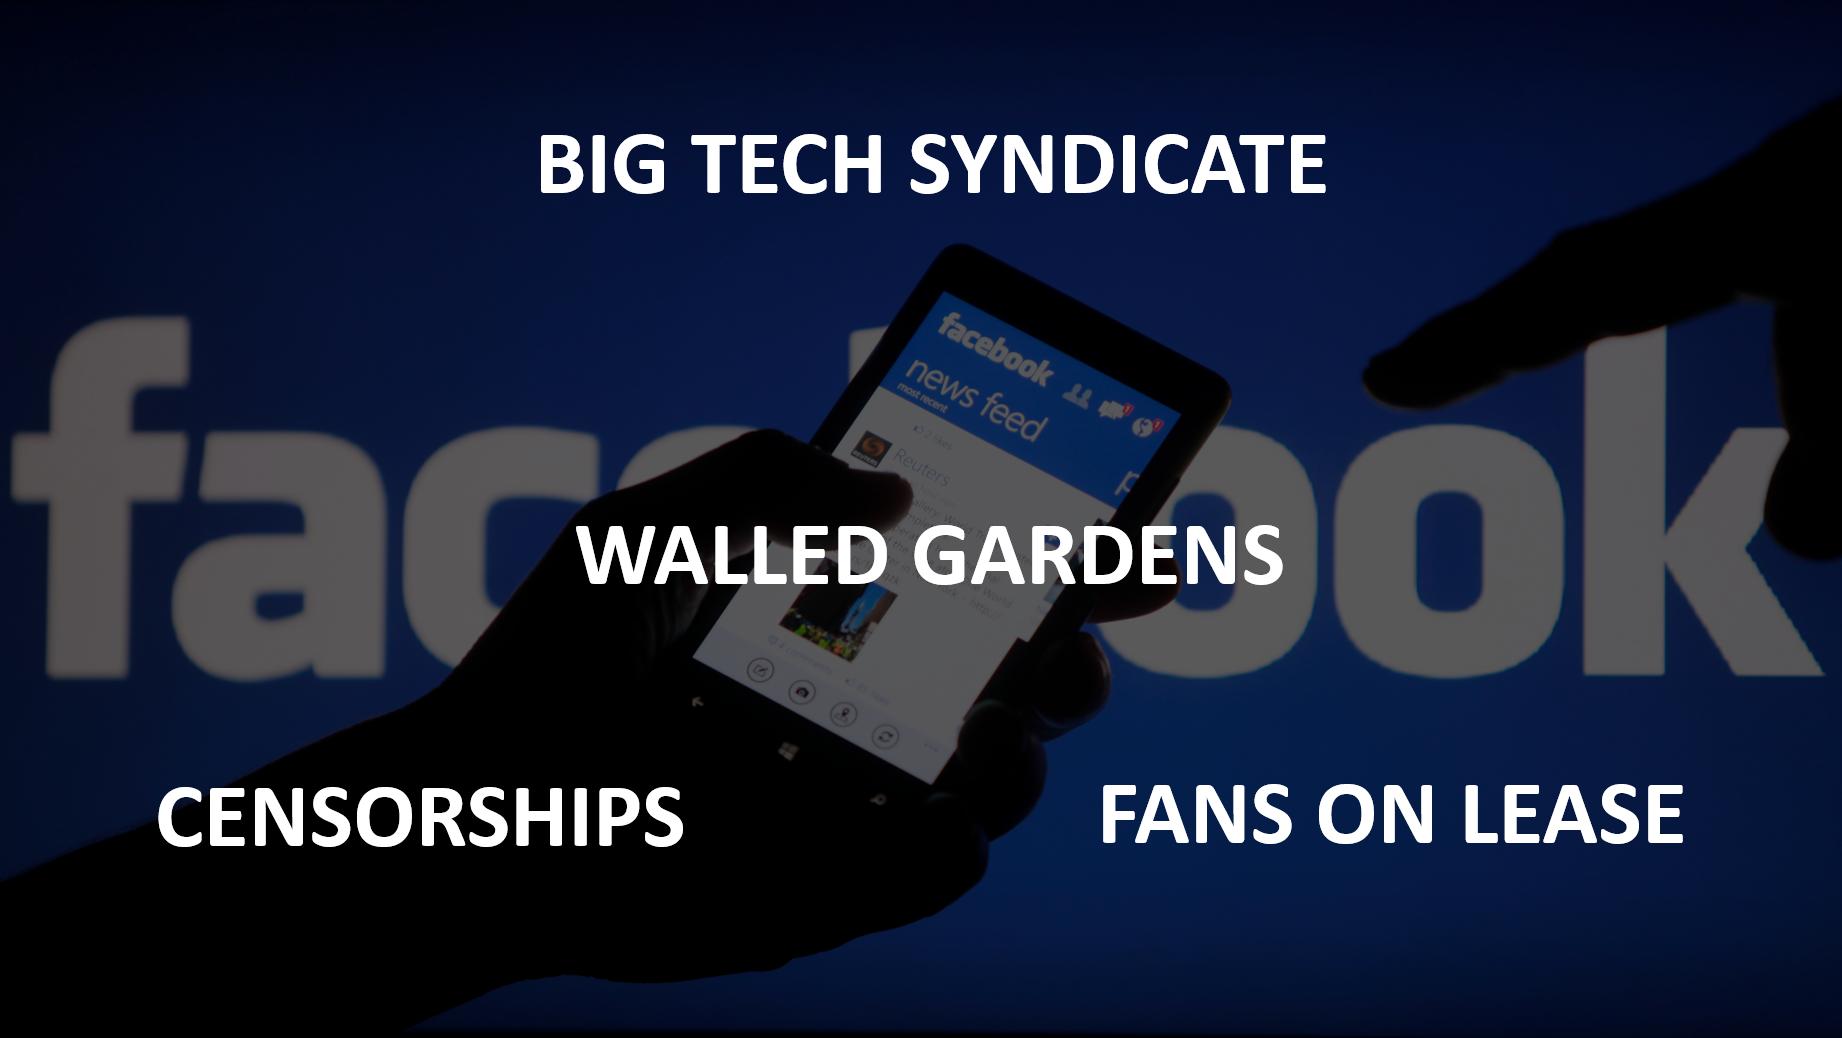 BigTech-Walled-Gardens-Censorships-FansonLease-Keynote-Speaker-Igor-Beuker